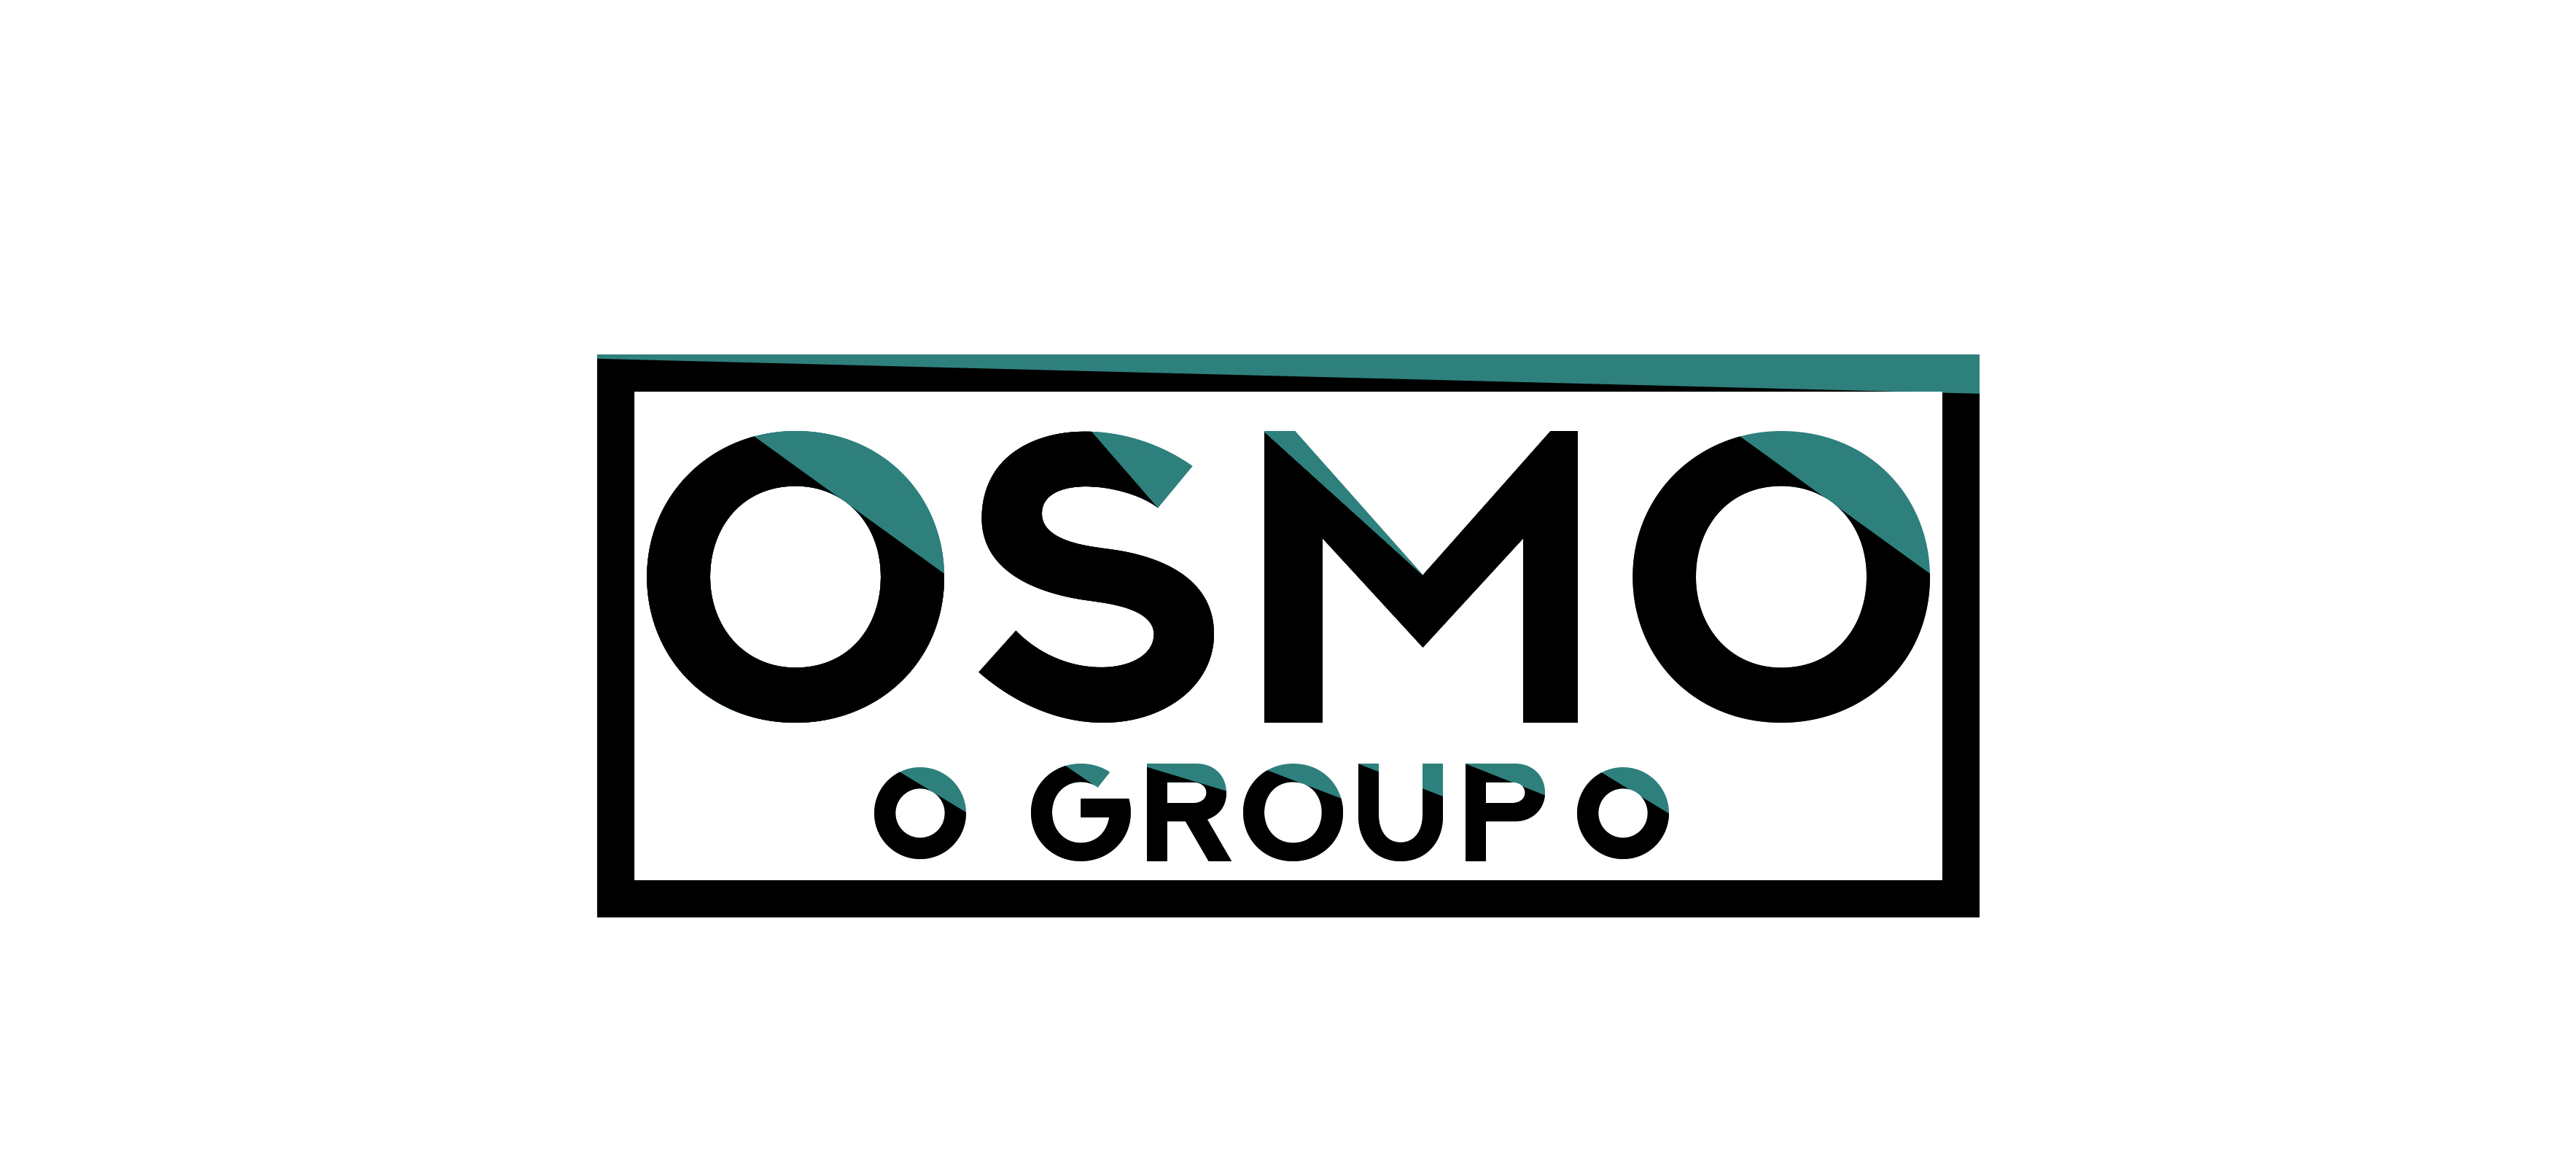 Создание логотипа для строительной компании OSMO group  фото f_99559b4273398c1d.jpg